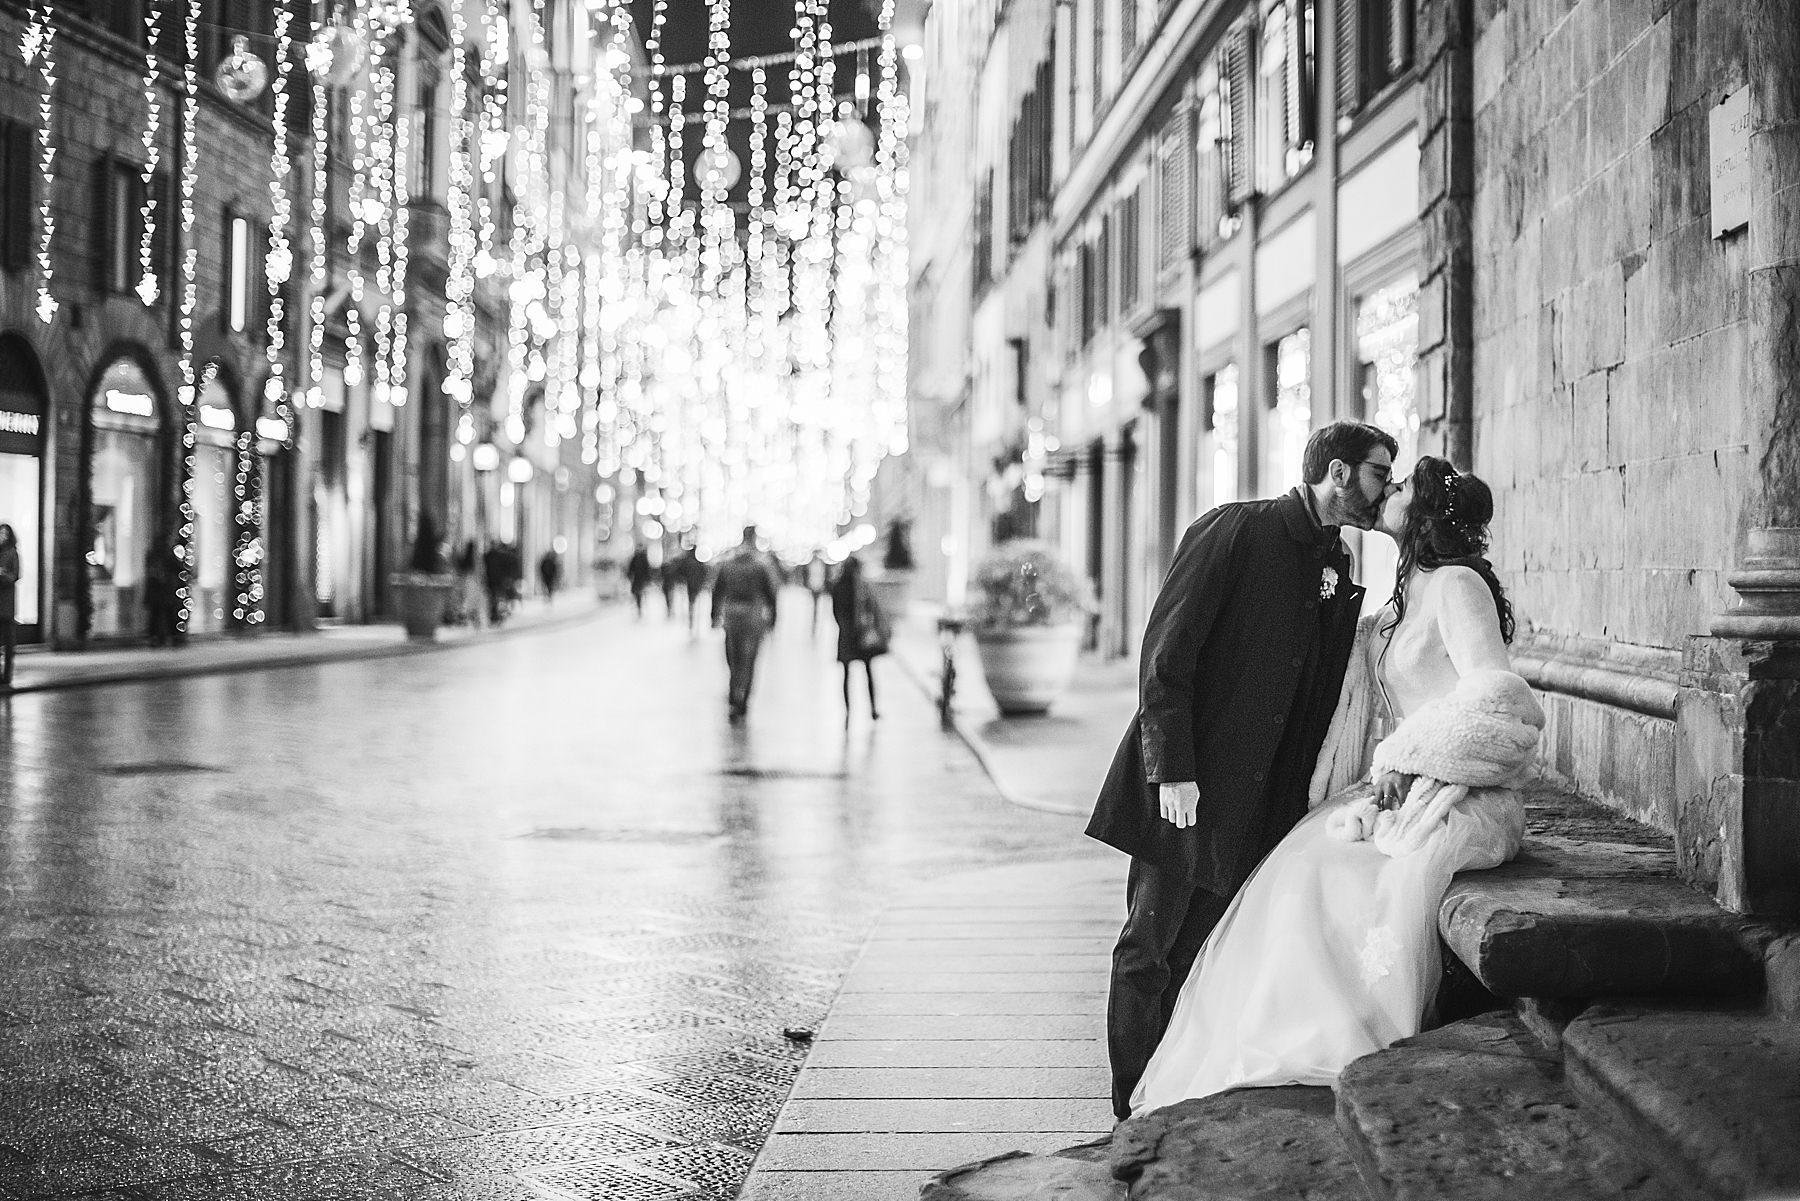 fotografia di matrimonio a firenze in inverno 785